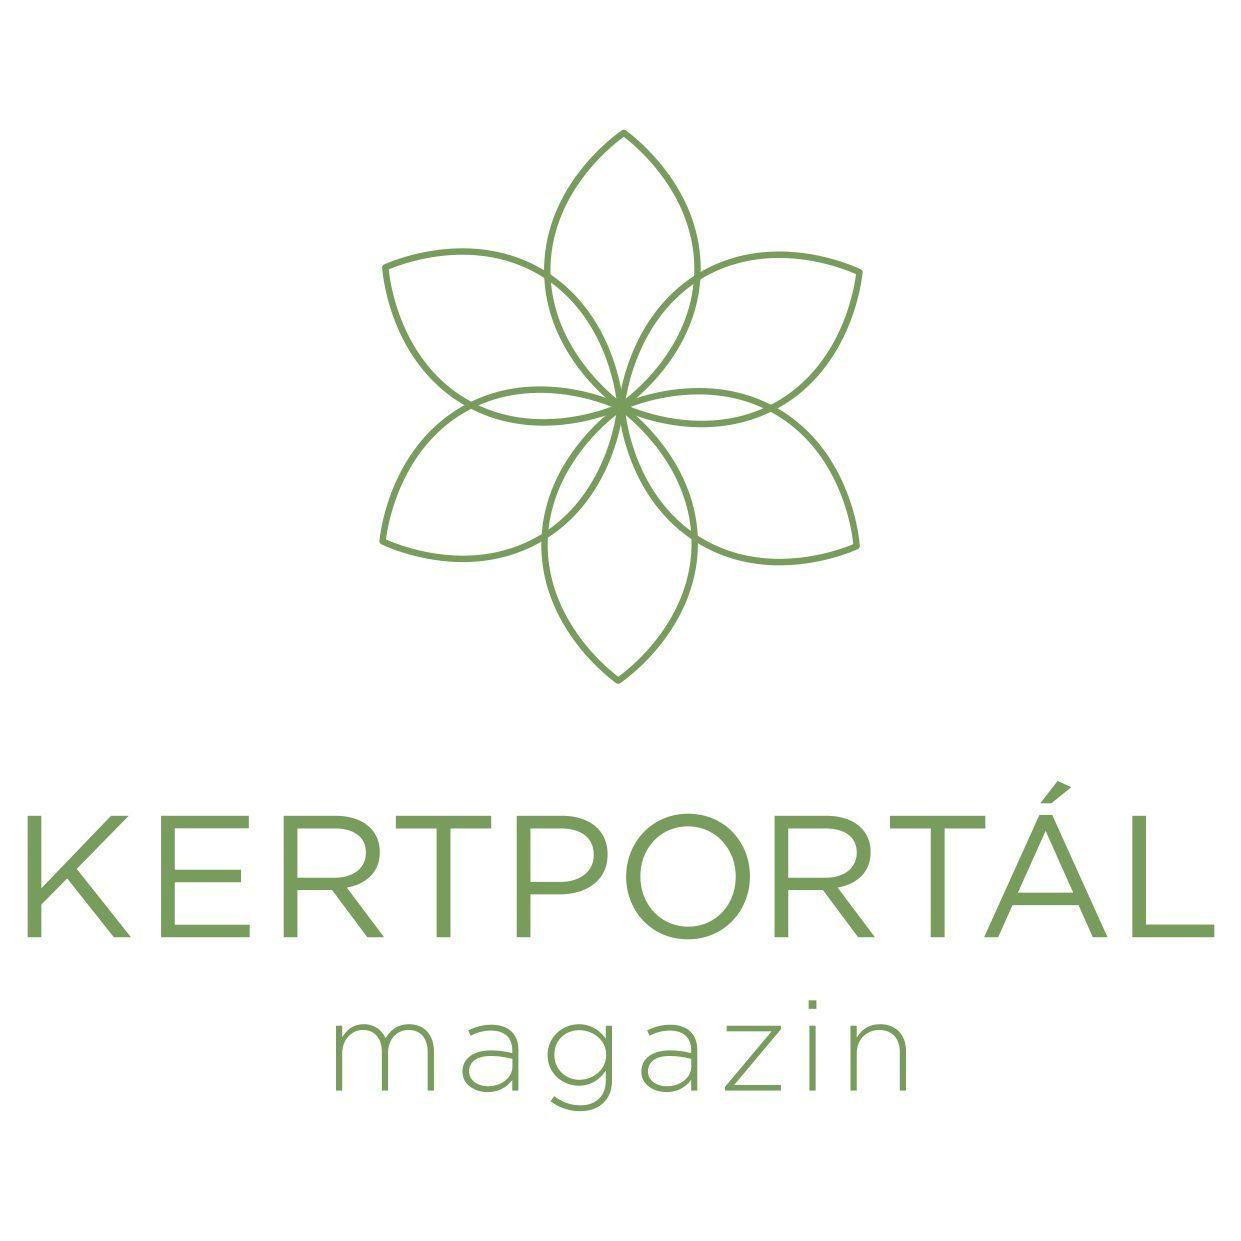 Kertportál Webshop és Magazin